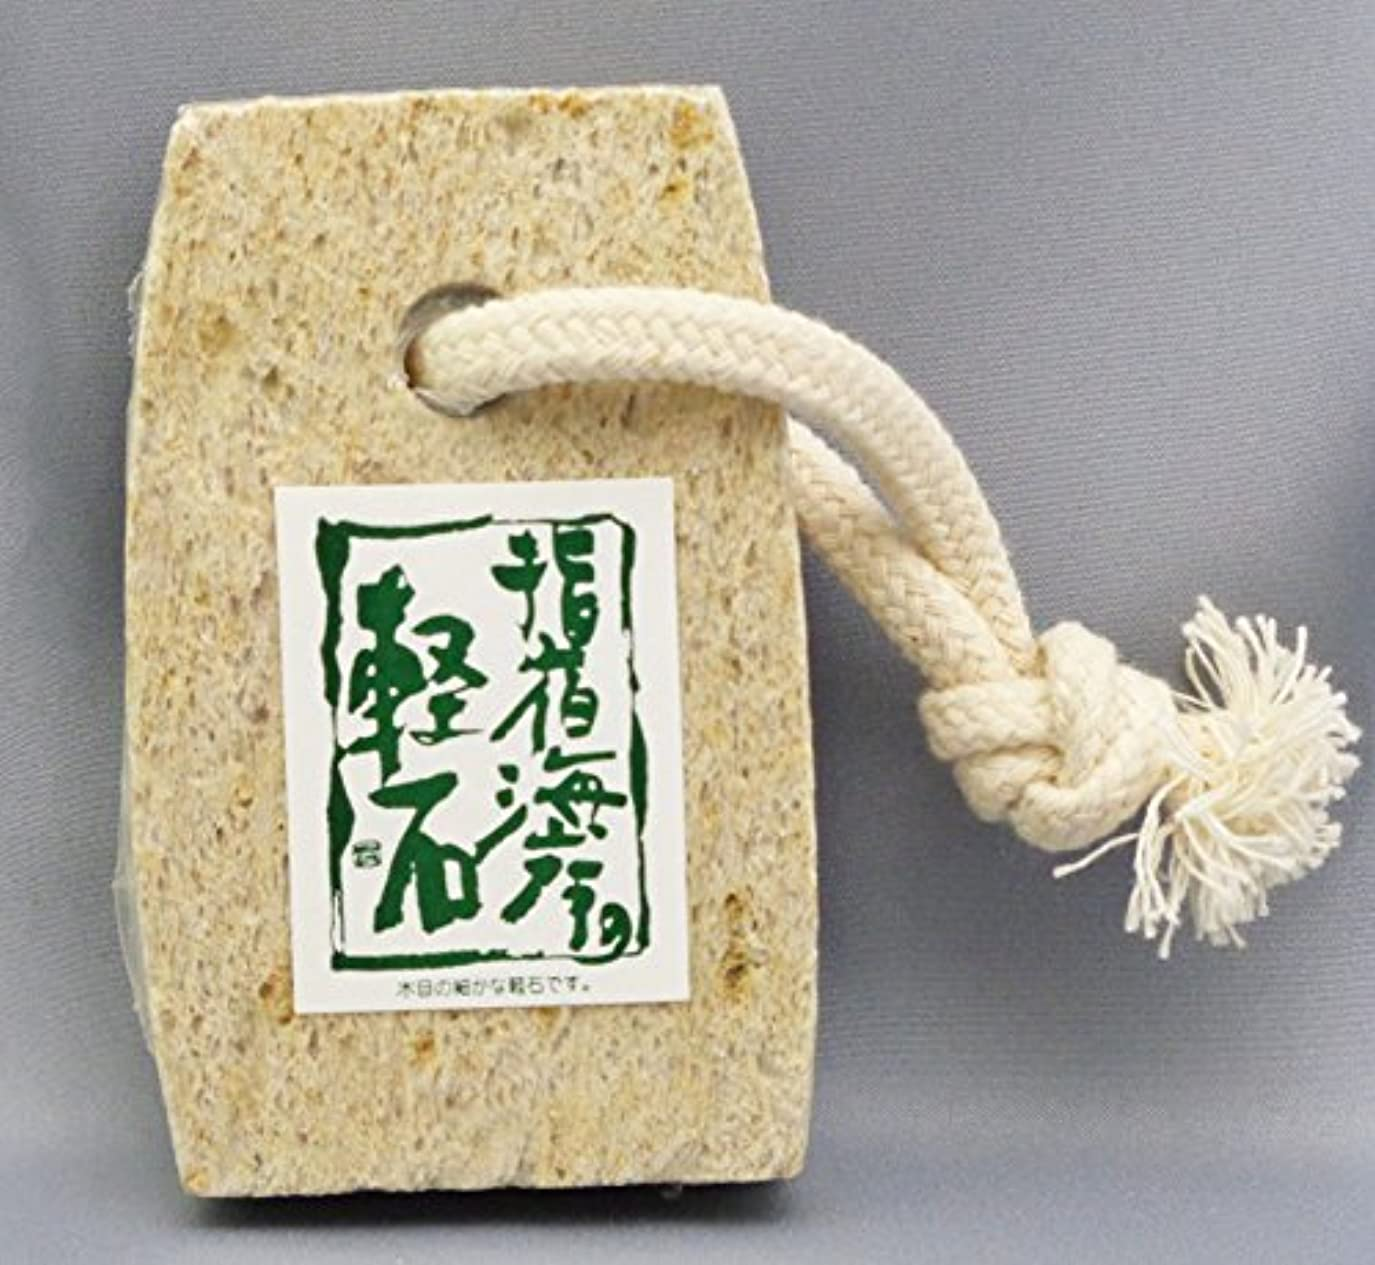 上げるスーツケース疎外シオザキ No.3 中判軽石 (ヒモ付き)指宿の軽石